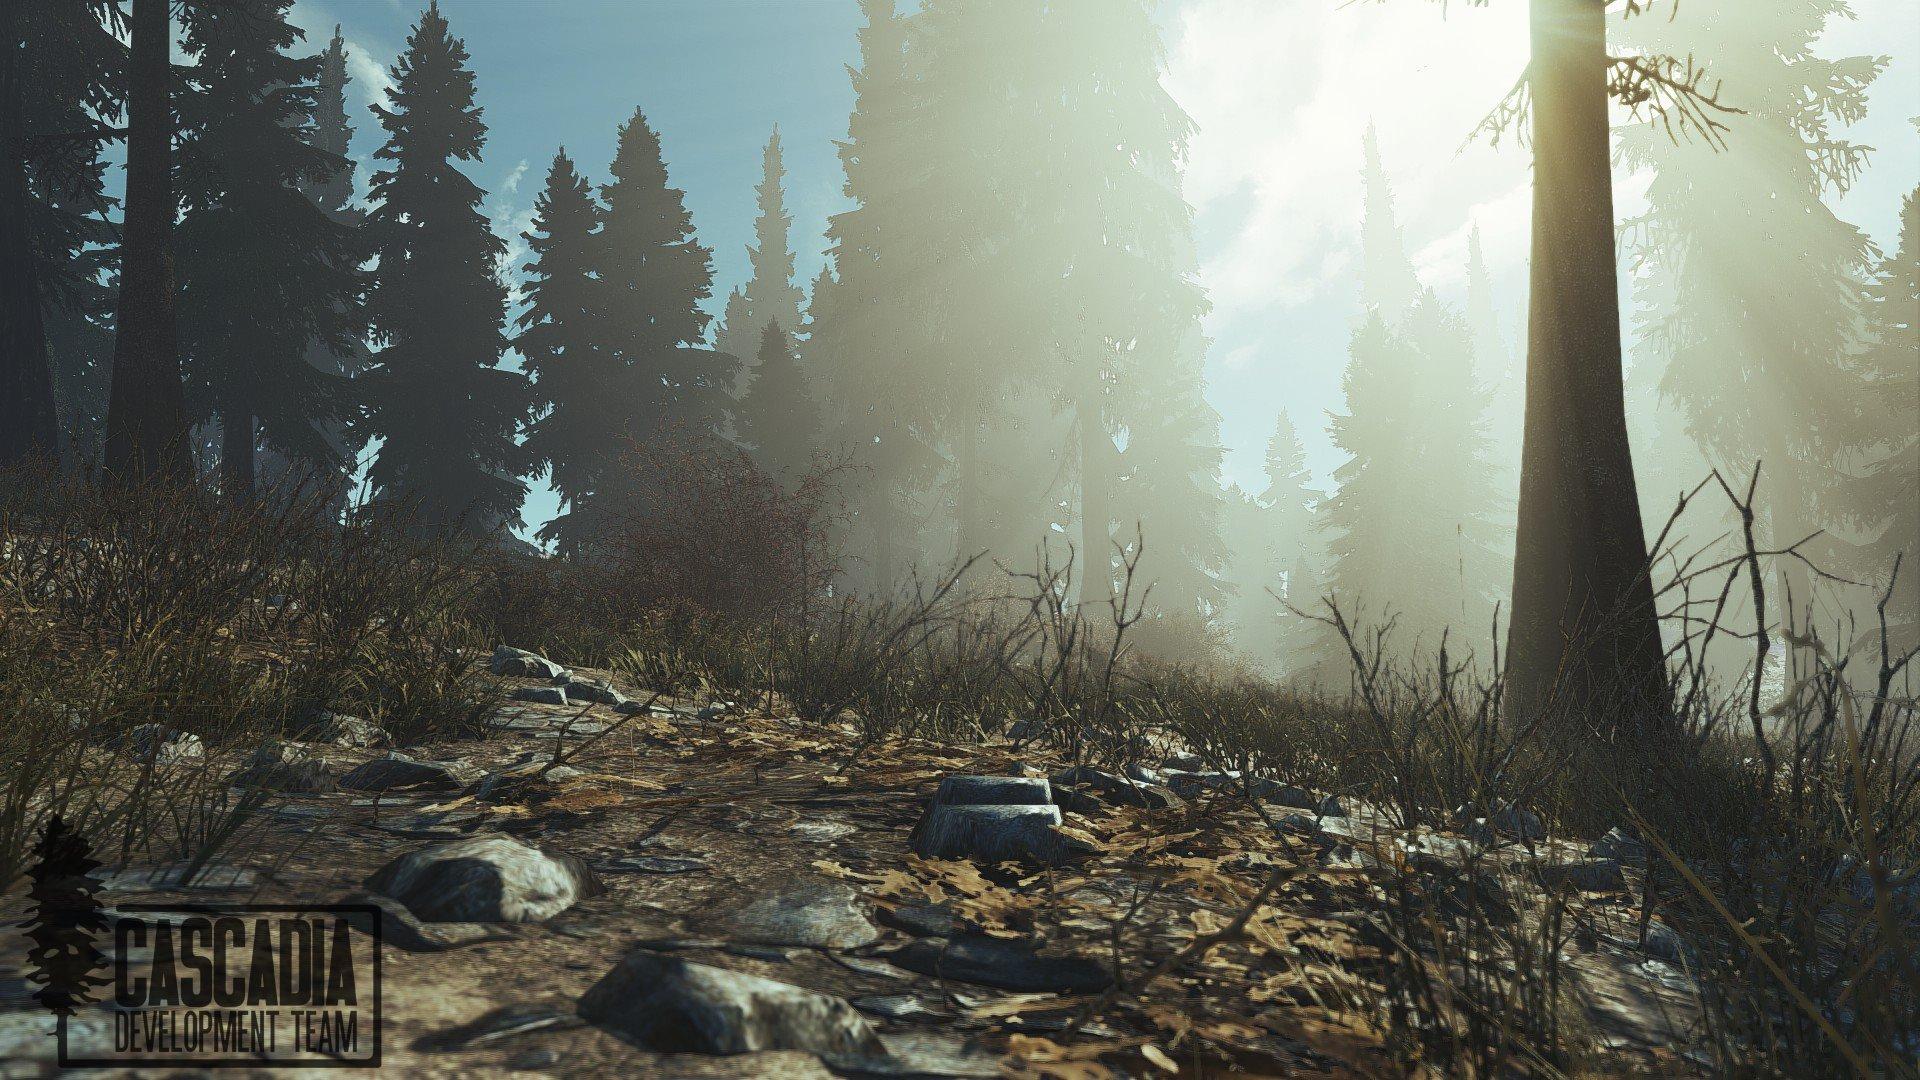 Разработчики Fallout Cascadia глобального мода для Fallout4 продолжают работу над миром, вот пару скриншотов: